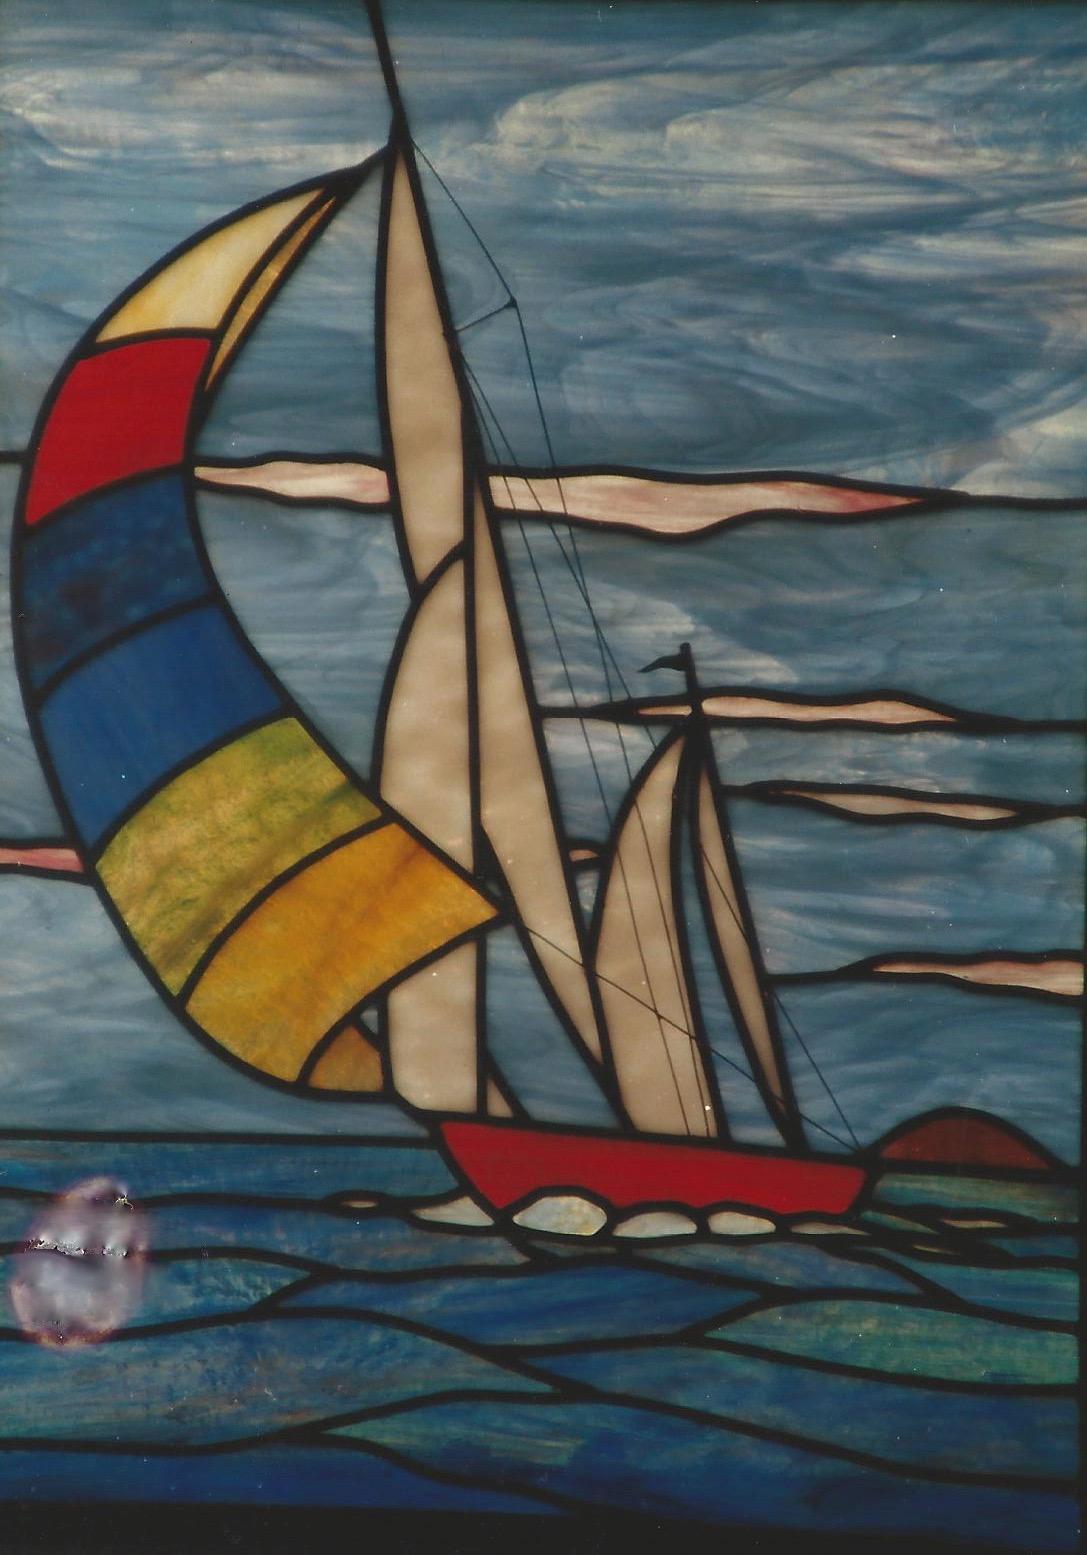 54.sailboat